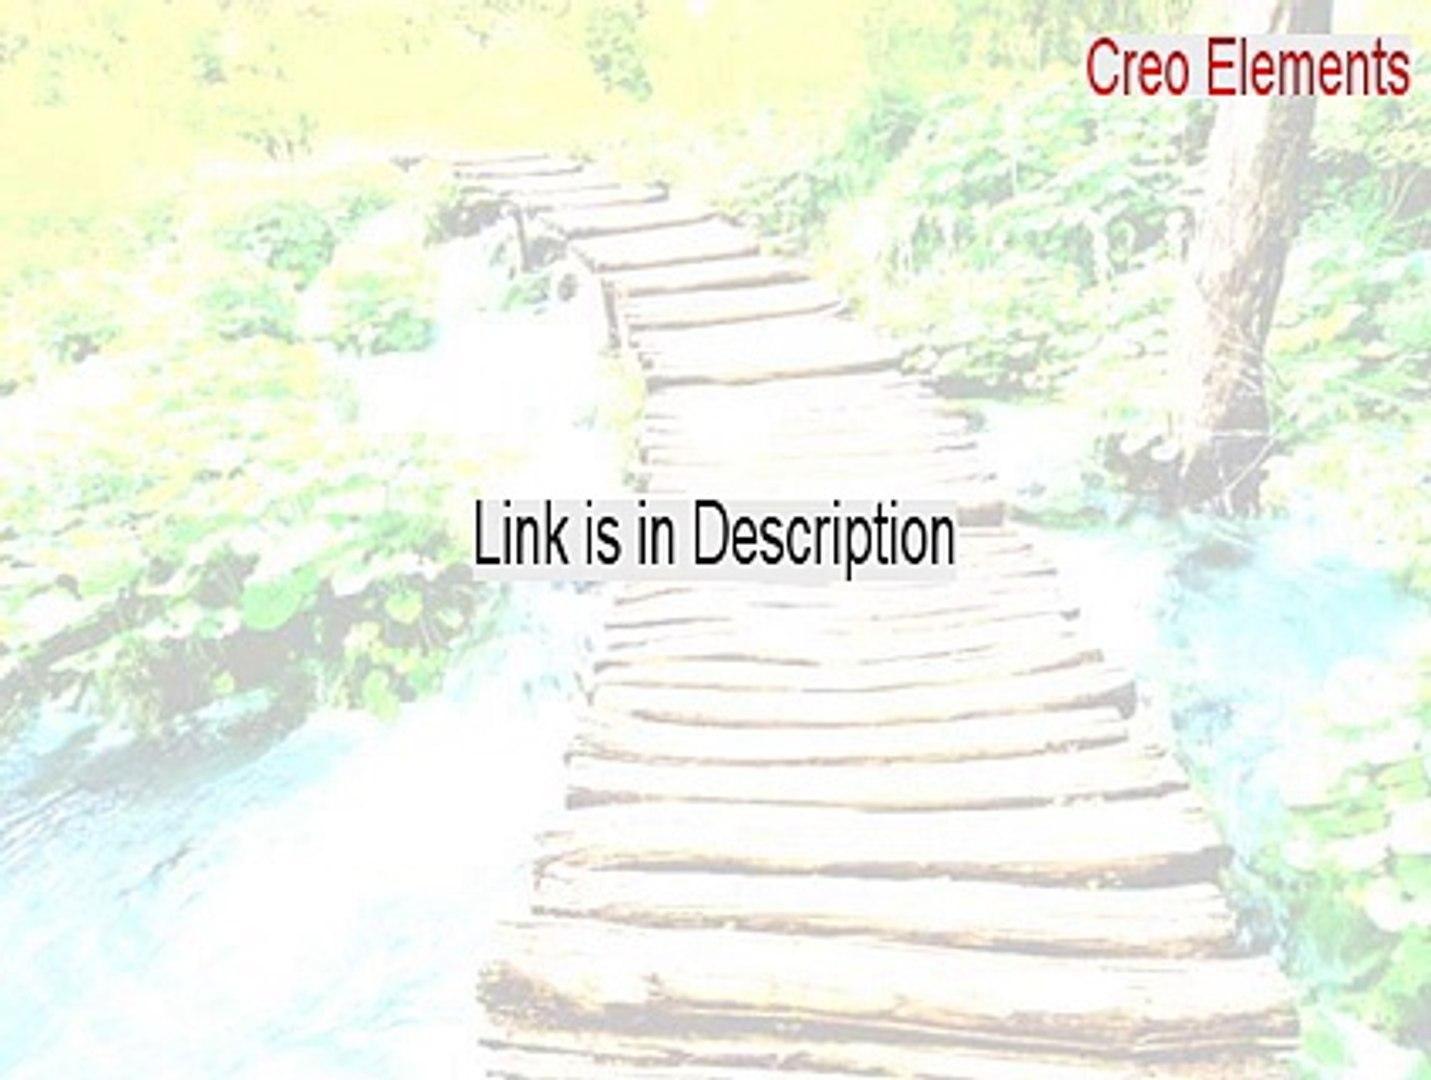 creo 2.0 crack download